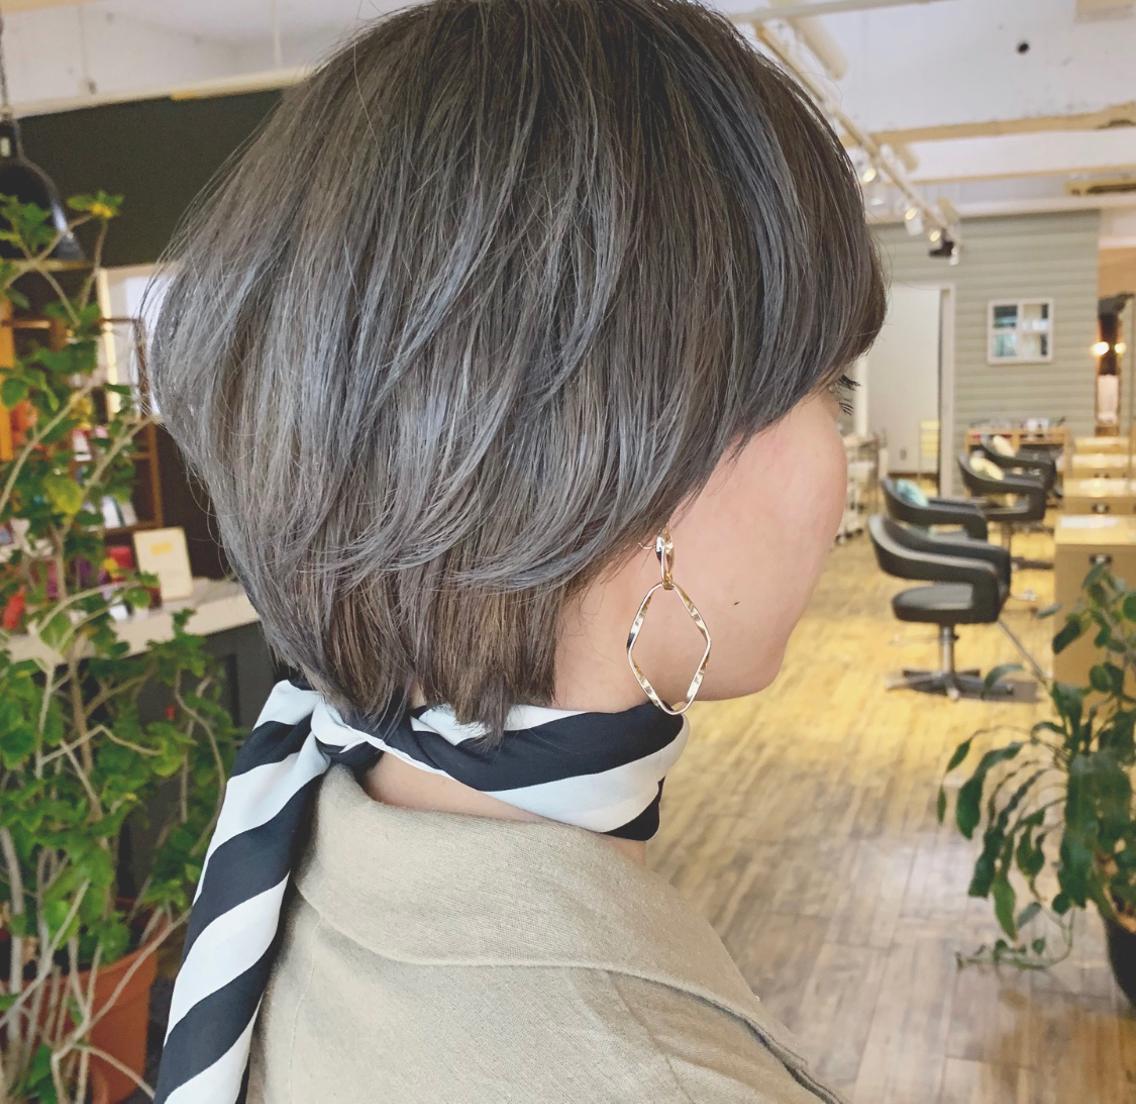 #ショート #カラー 流行りの  グレージュカラー♡  カットは大人っぽいショートヘア!